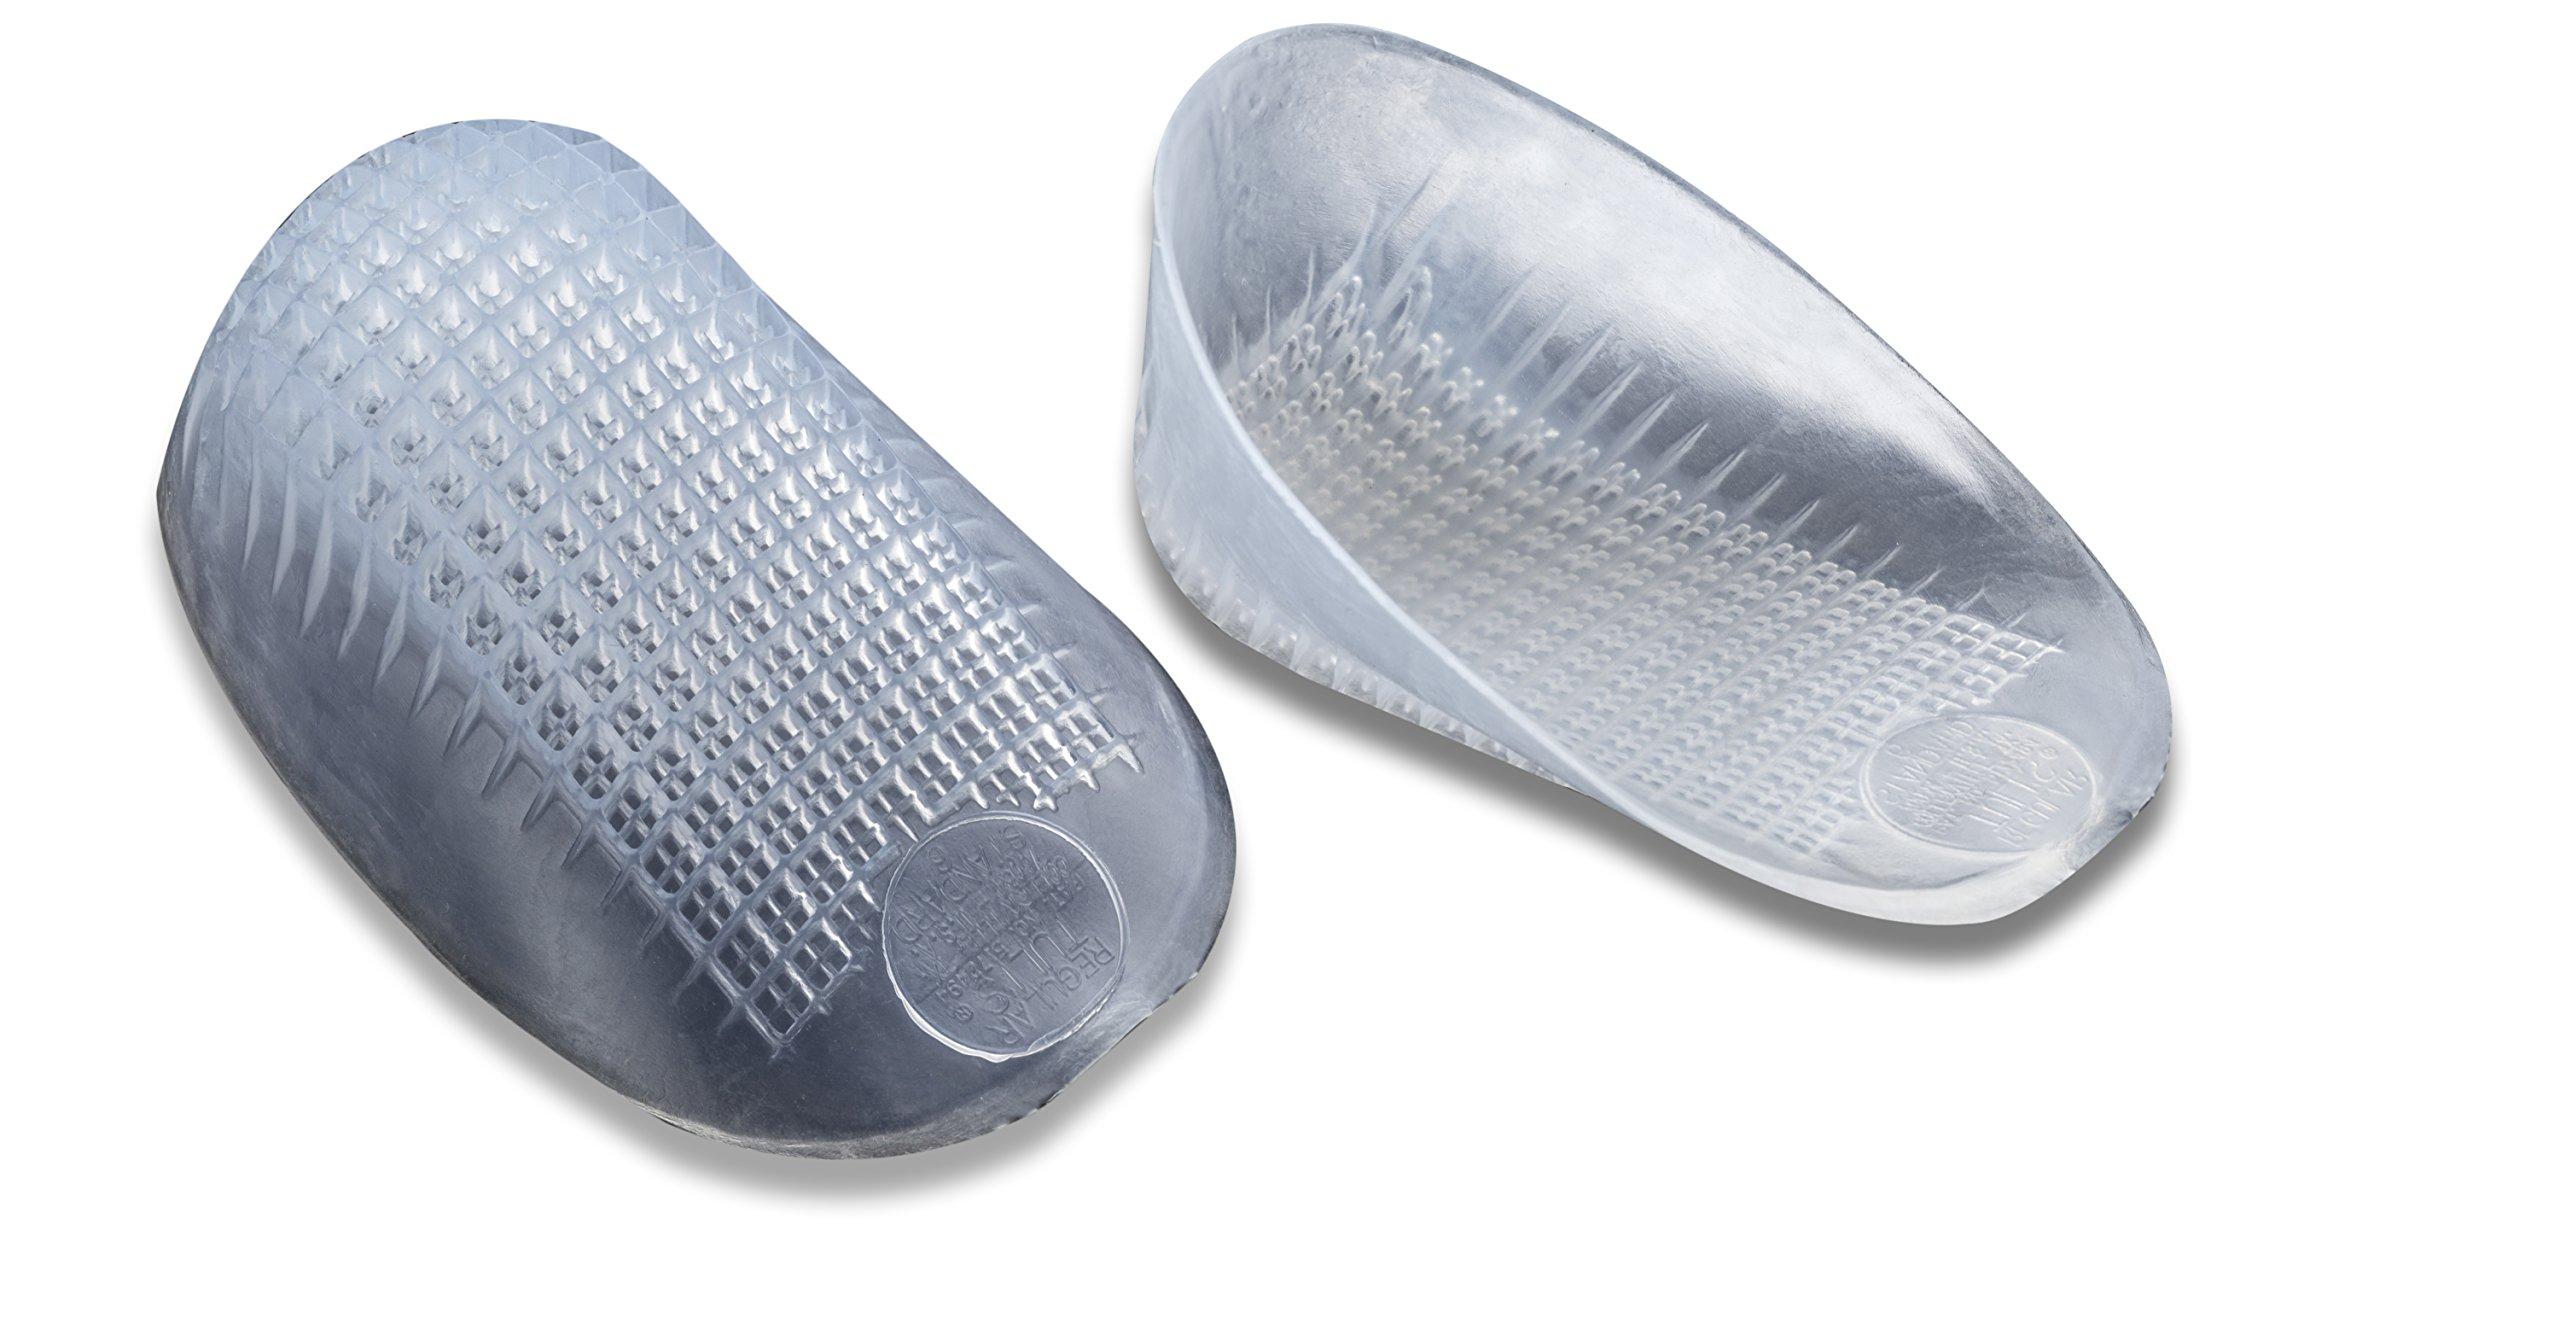 TuliGEL Classic Heel Cups, Regular